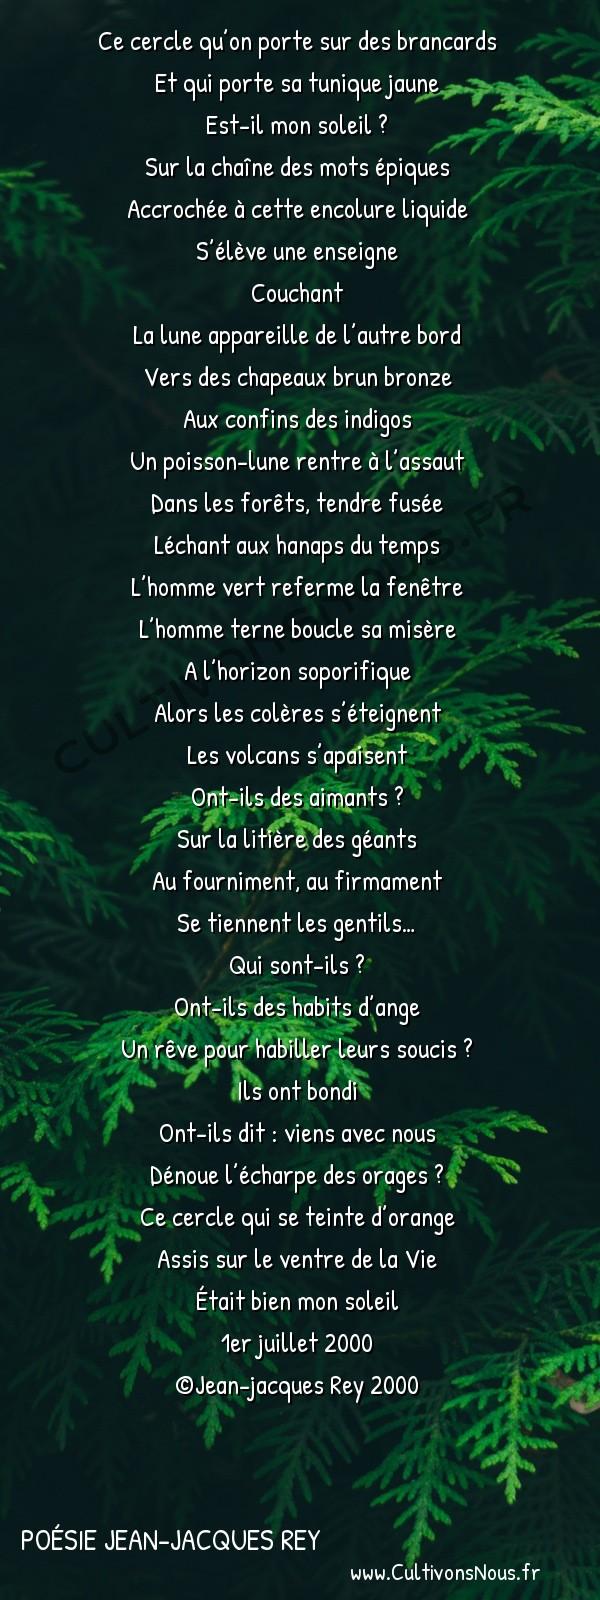 Poésies contemporaines - poésie Jean-Jacques Rey - Couchant -  Ce cercle qu'on porte sur des brancards Et qui porte sa tunique jaune